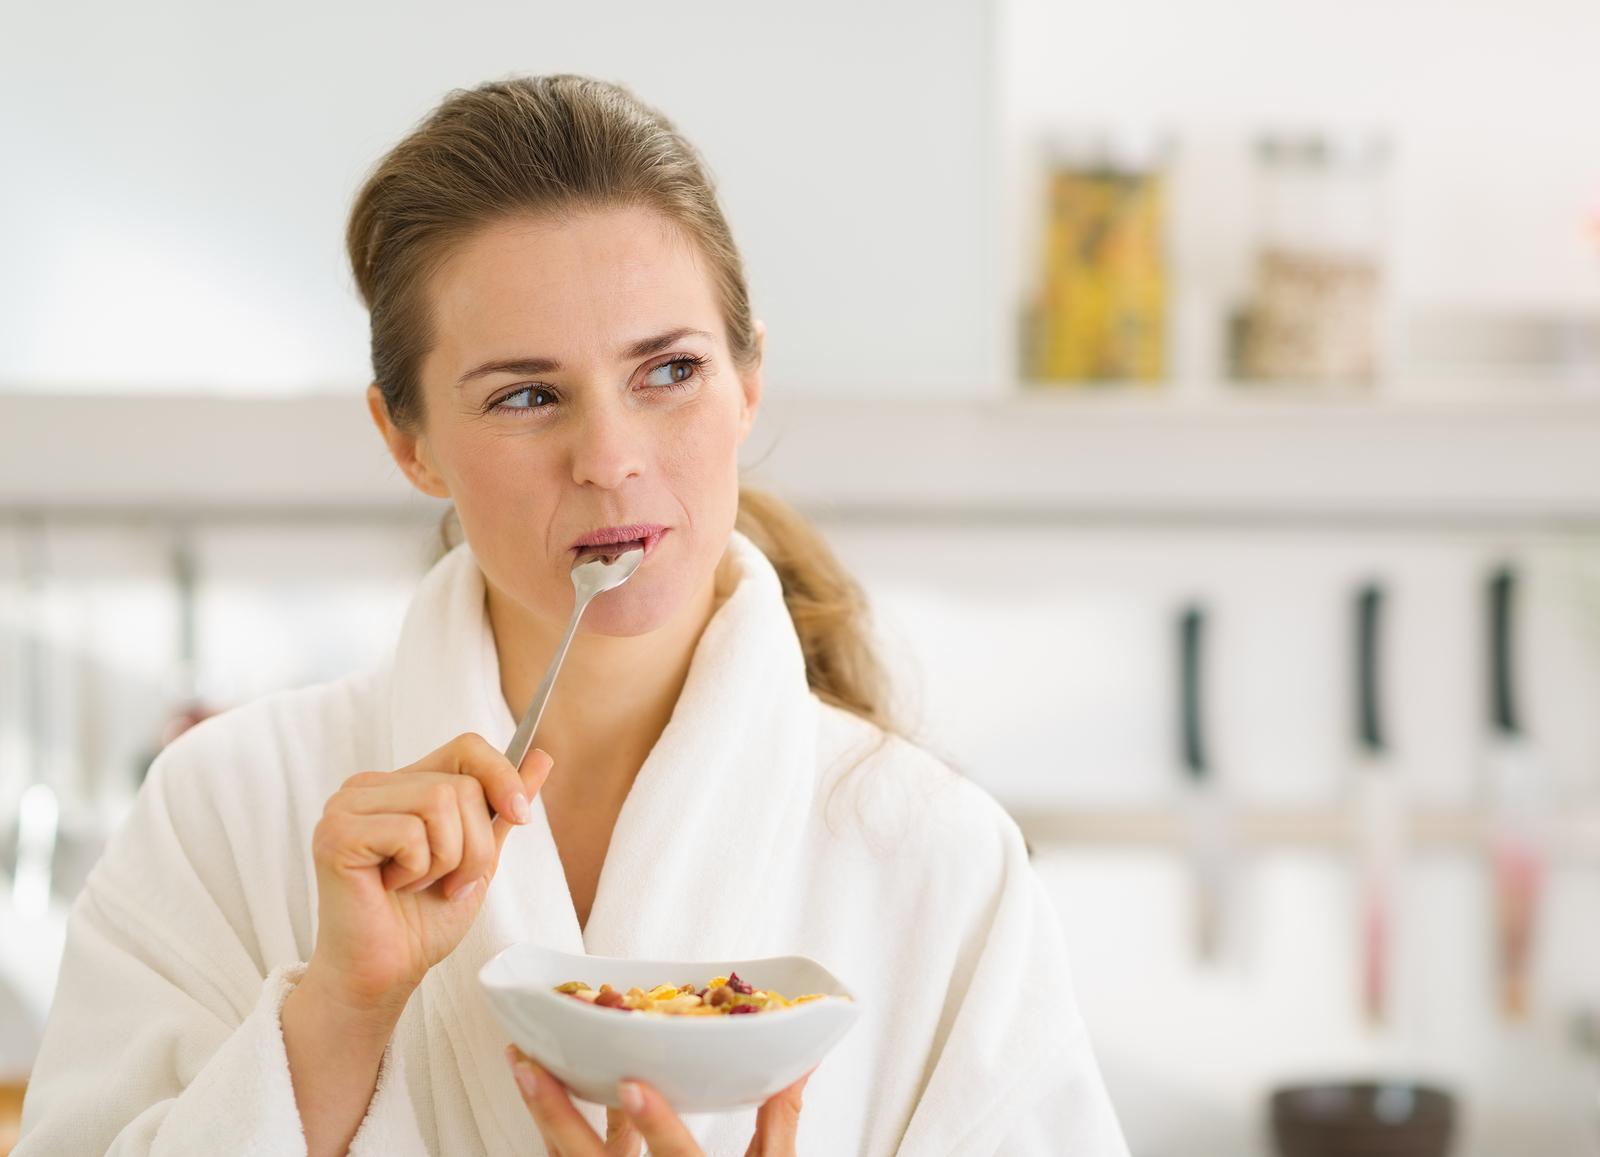 7 продуктов, которые помогут быстро утолить голод и не съесть лишнего